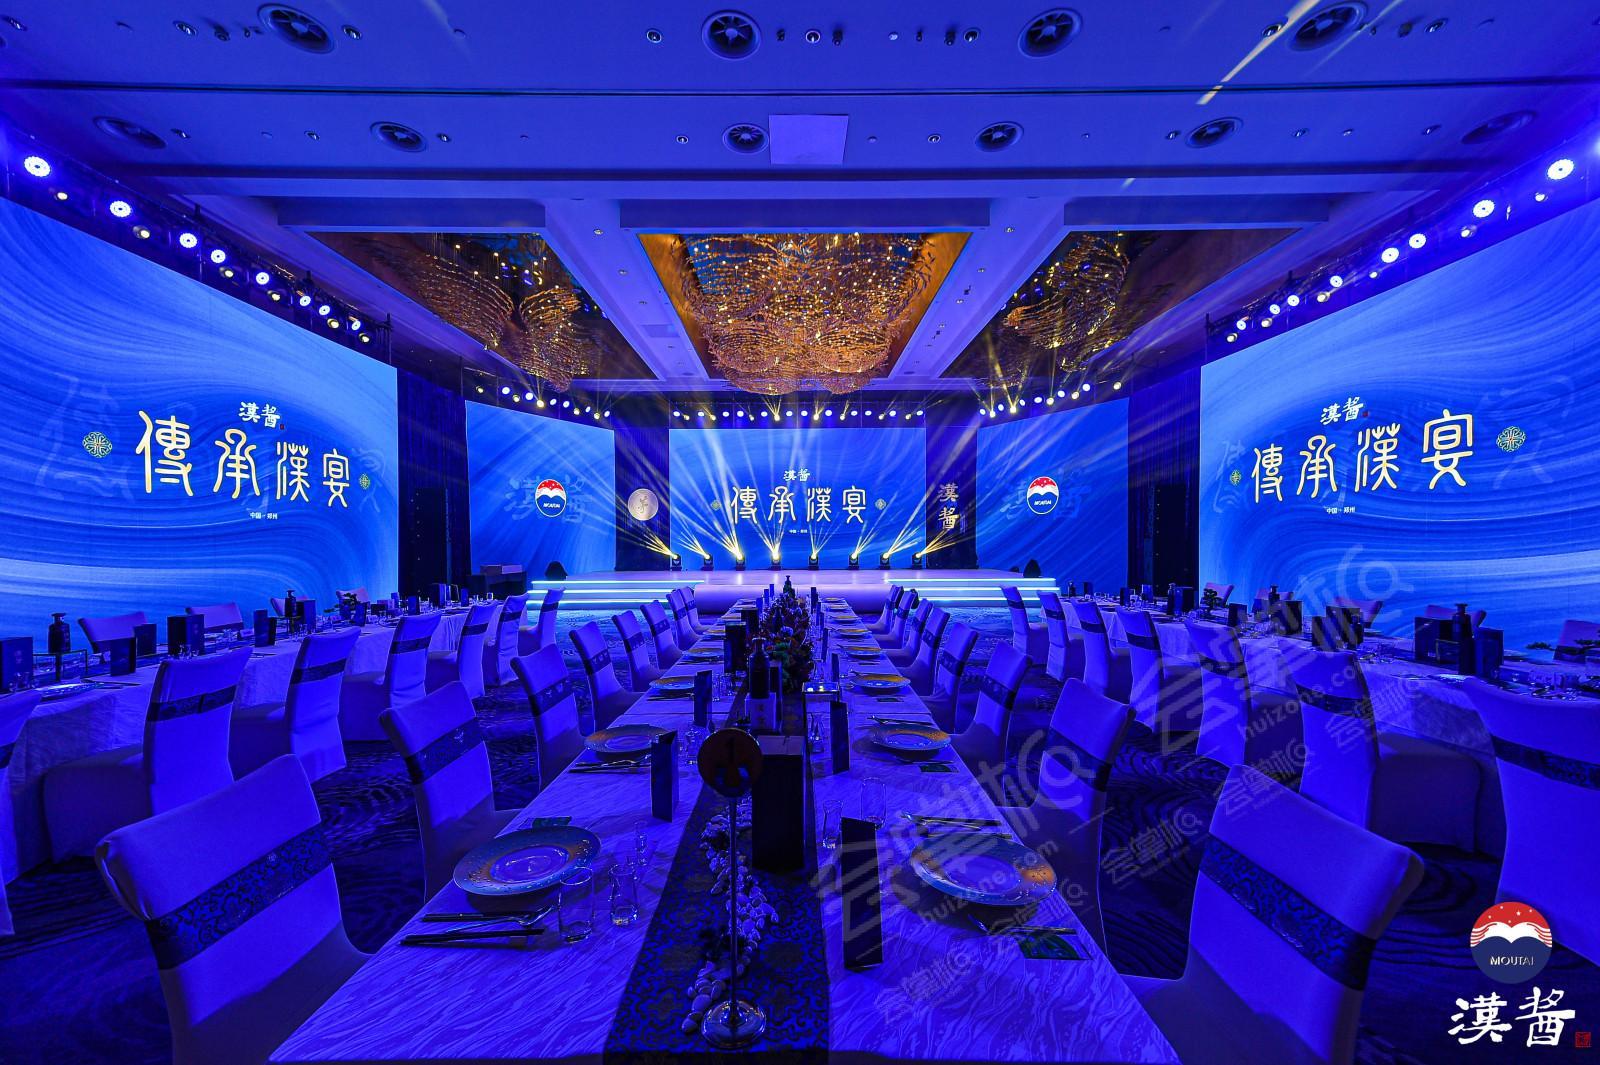 郑州希尔顿酒店动态:汉酱(茅).传承汉宴2020年12月9日在郑州希尔顿酒店隆重